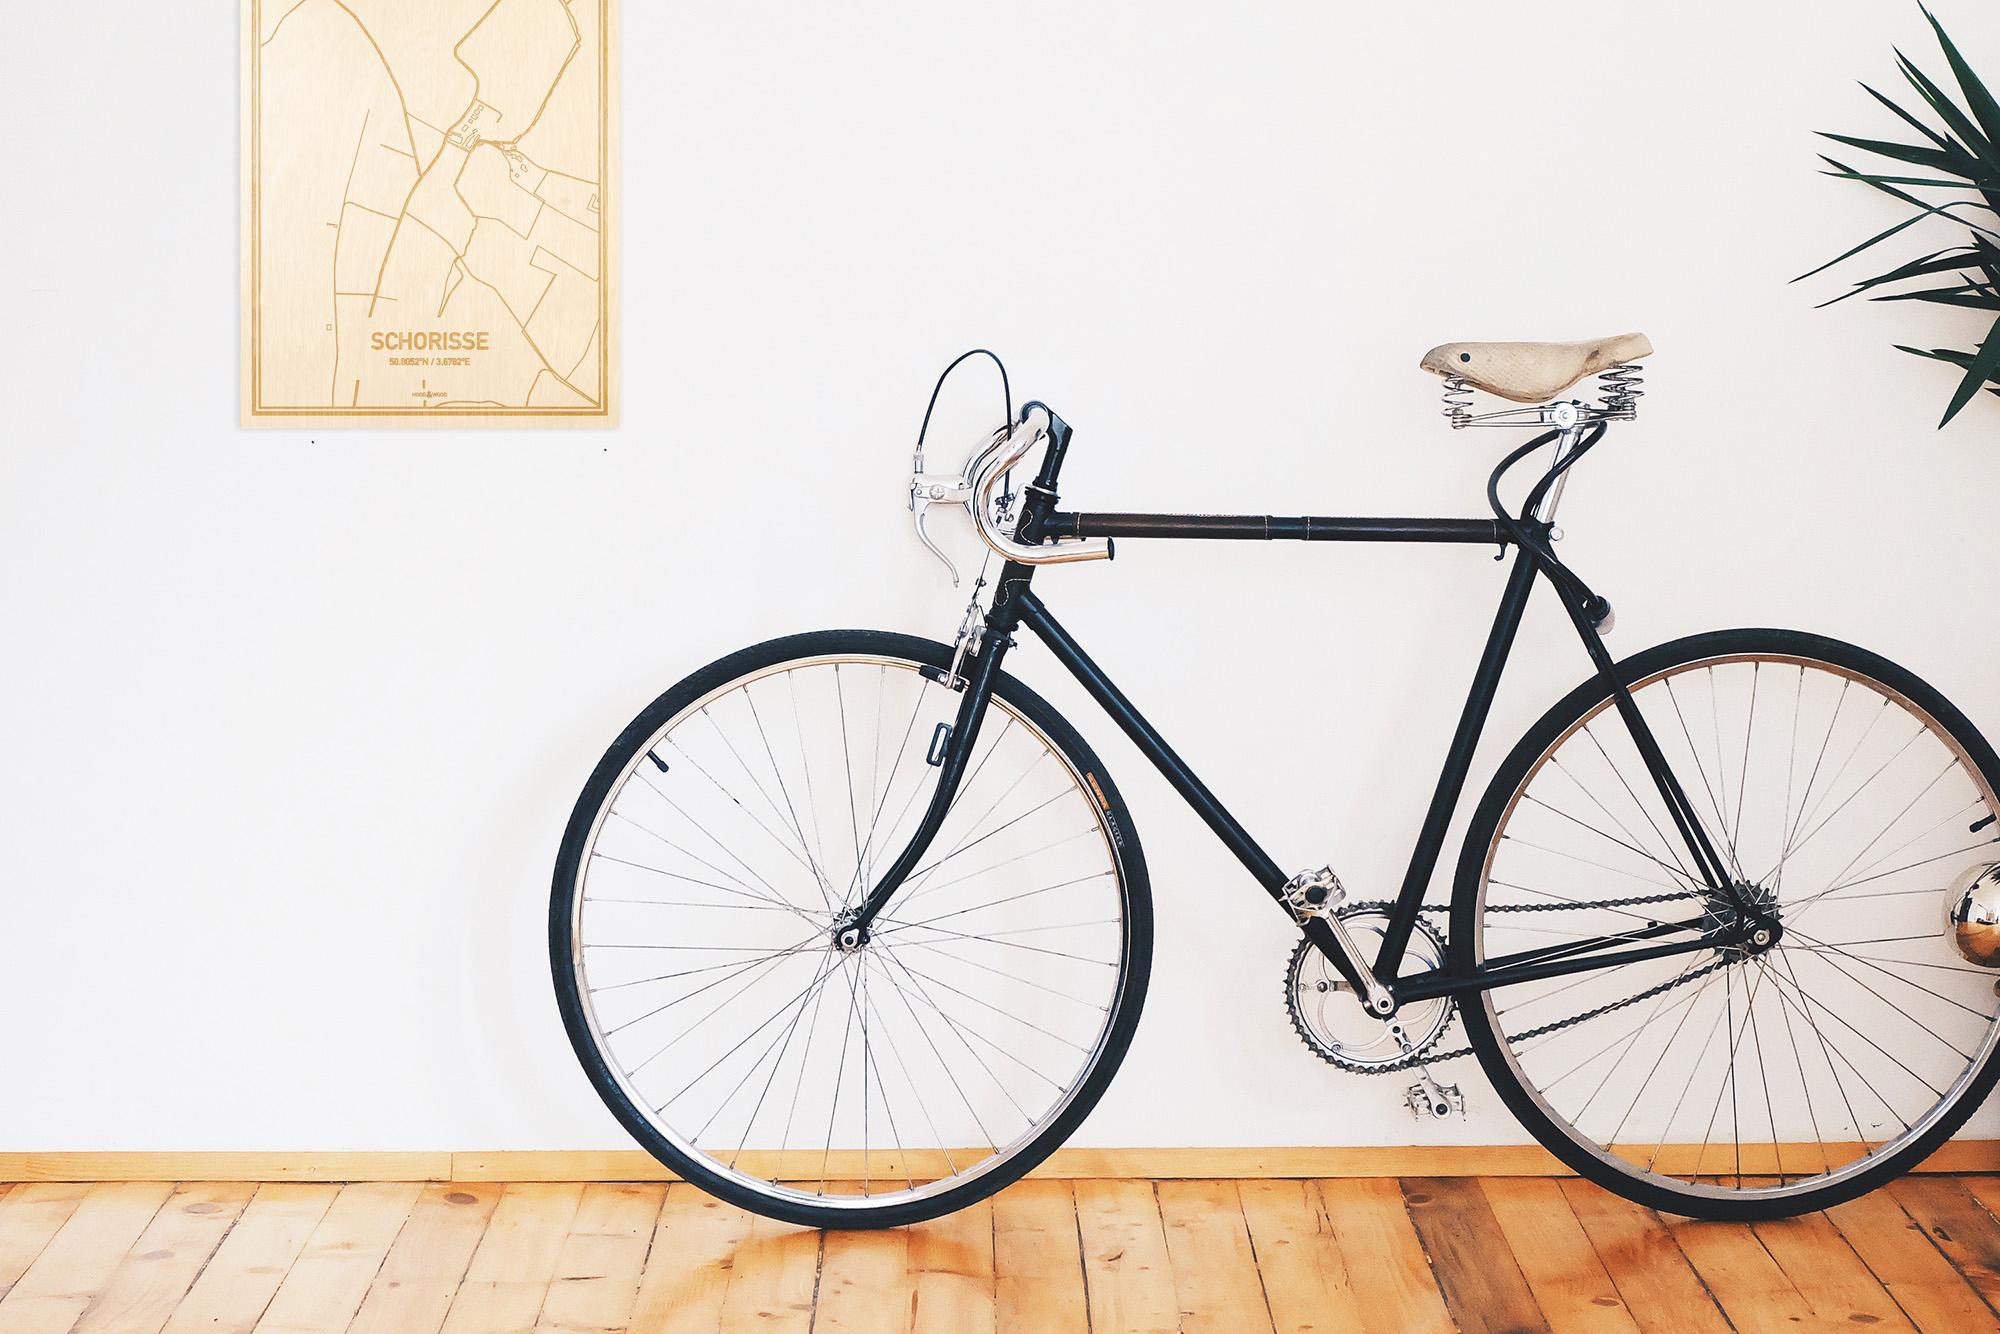 Een snelle fiets in een uniek interieur in Oost-Vlaanderen  met mooie decoratie zoals de plattegrond Schorisse.